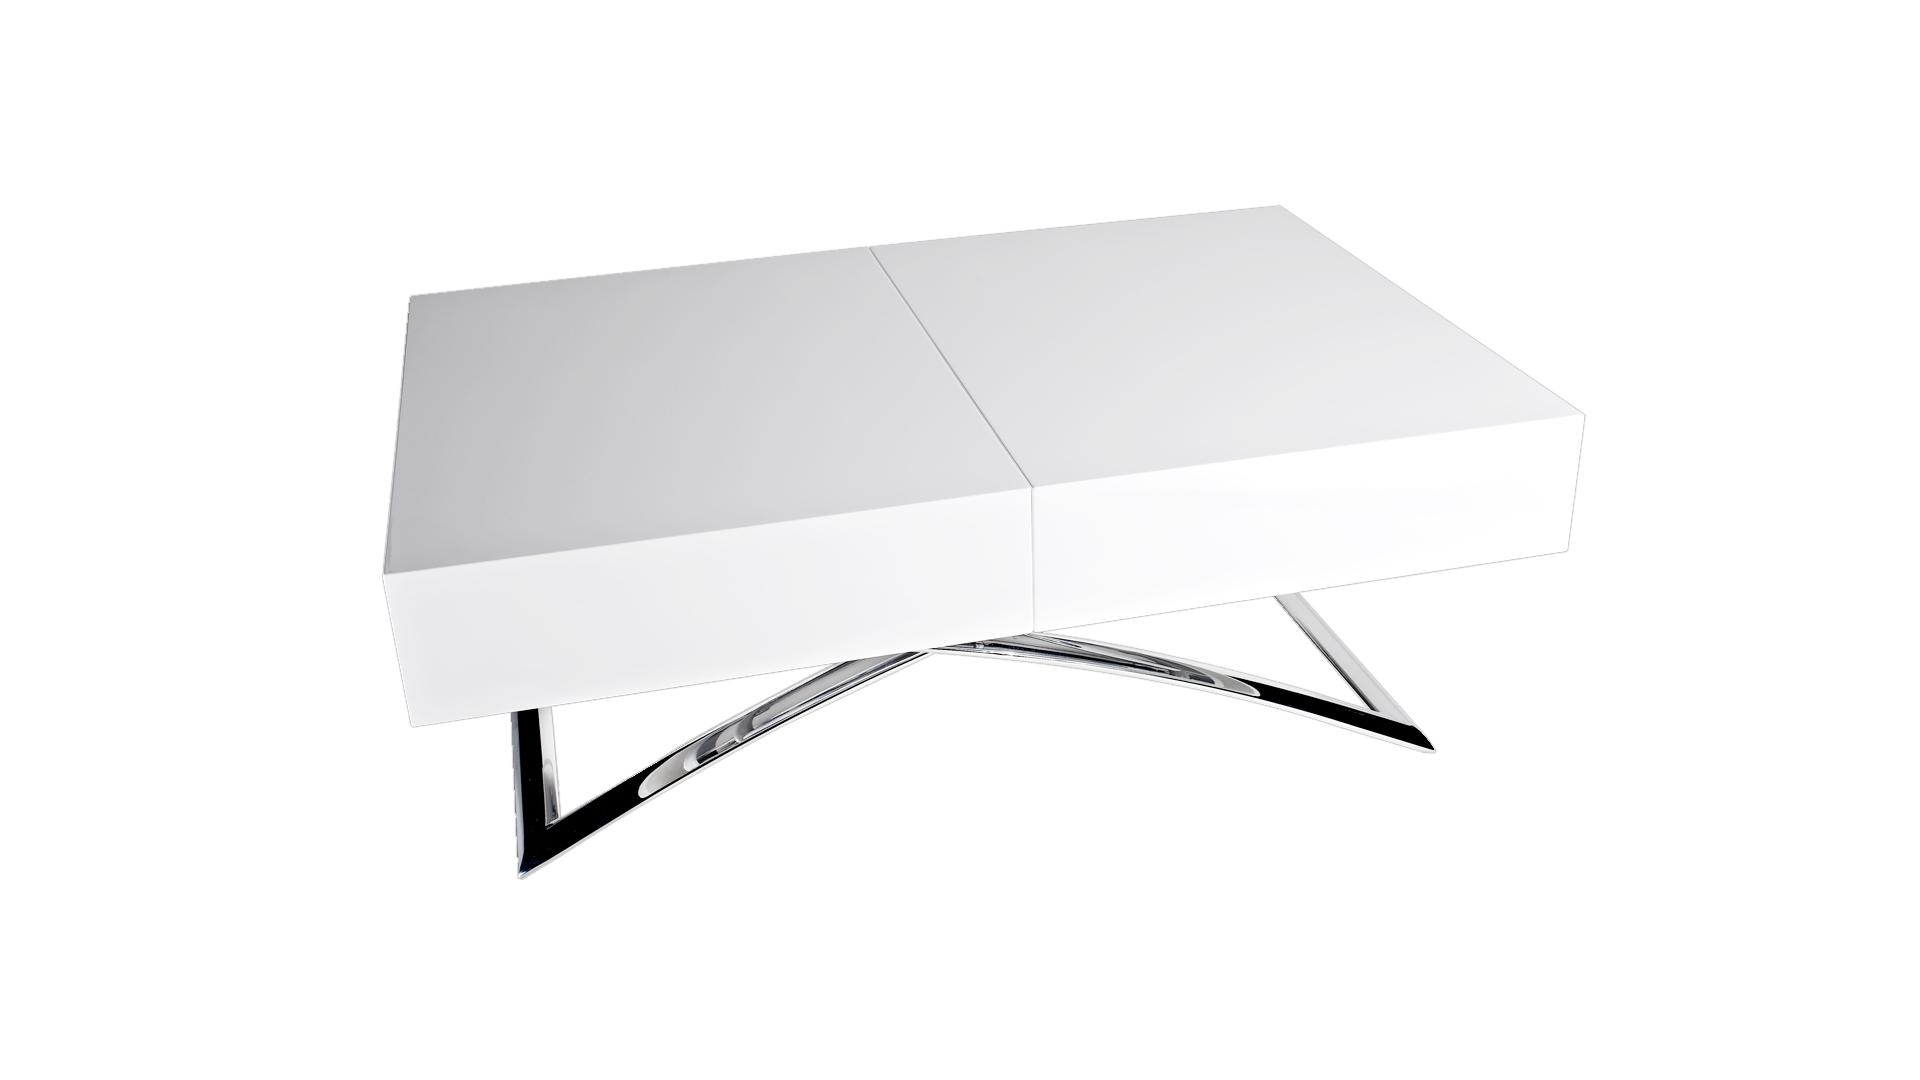 Le blog mobiliermoss zoom sur les bons plans des soldes - Table relevable blanche ...